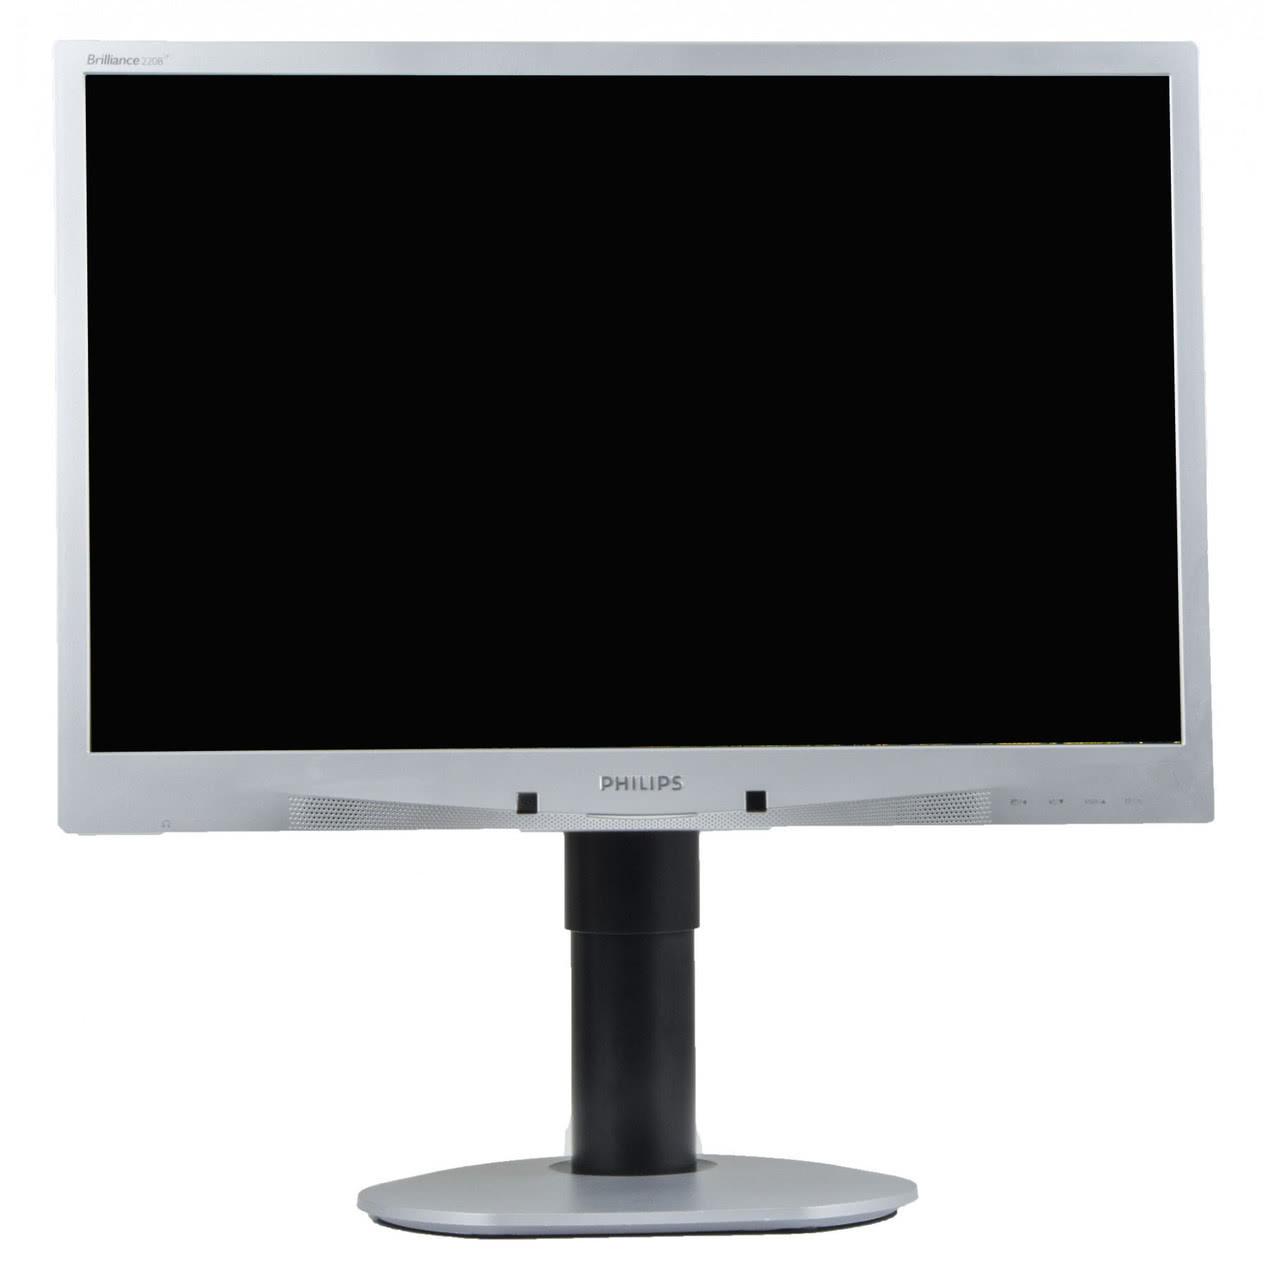 Monitor Philips 220BW, LCD, 22 inch, 1680 x 1050 dpi, Grad A-, Fara Picior